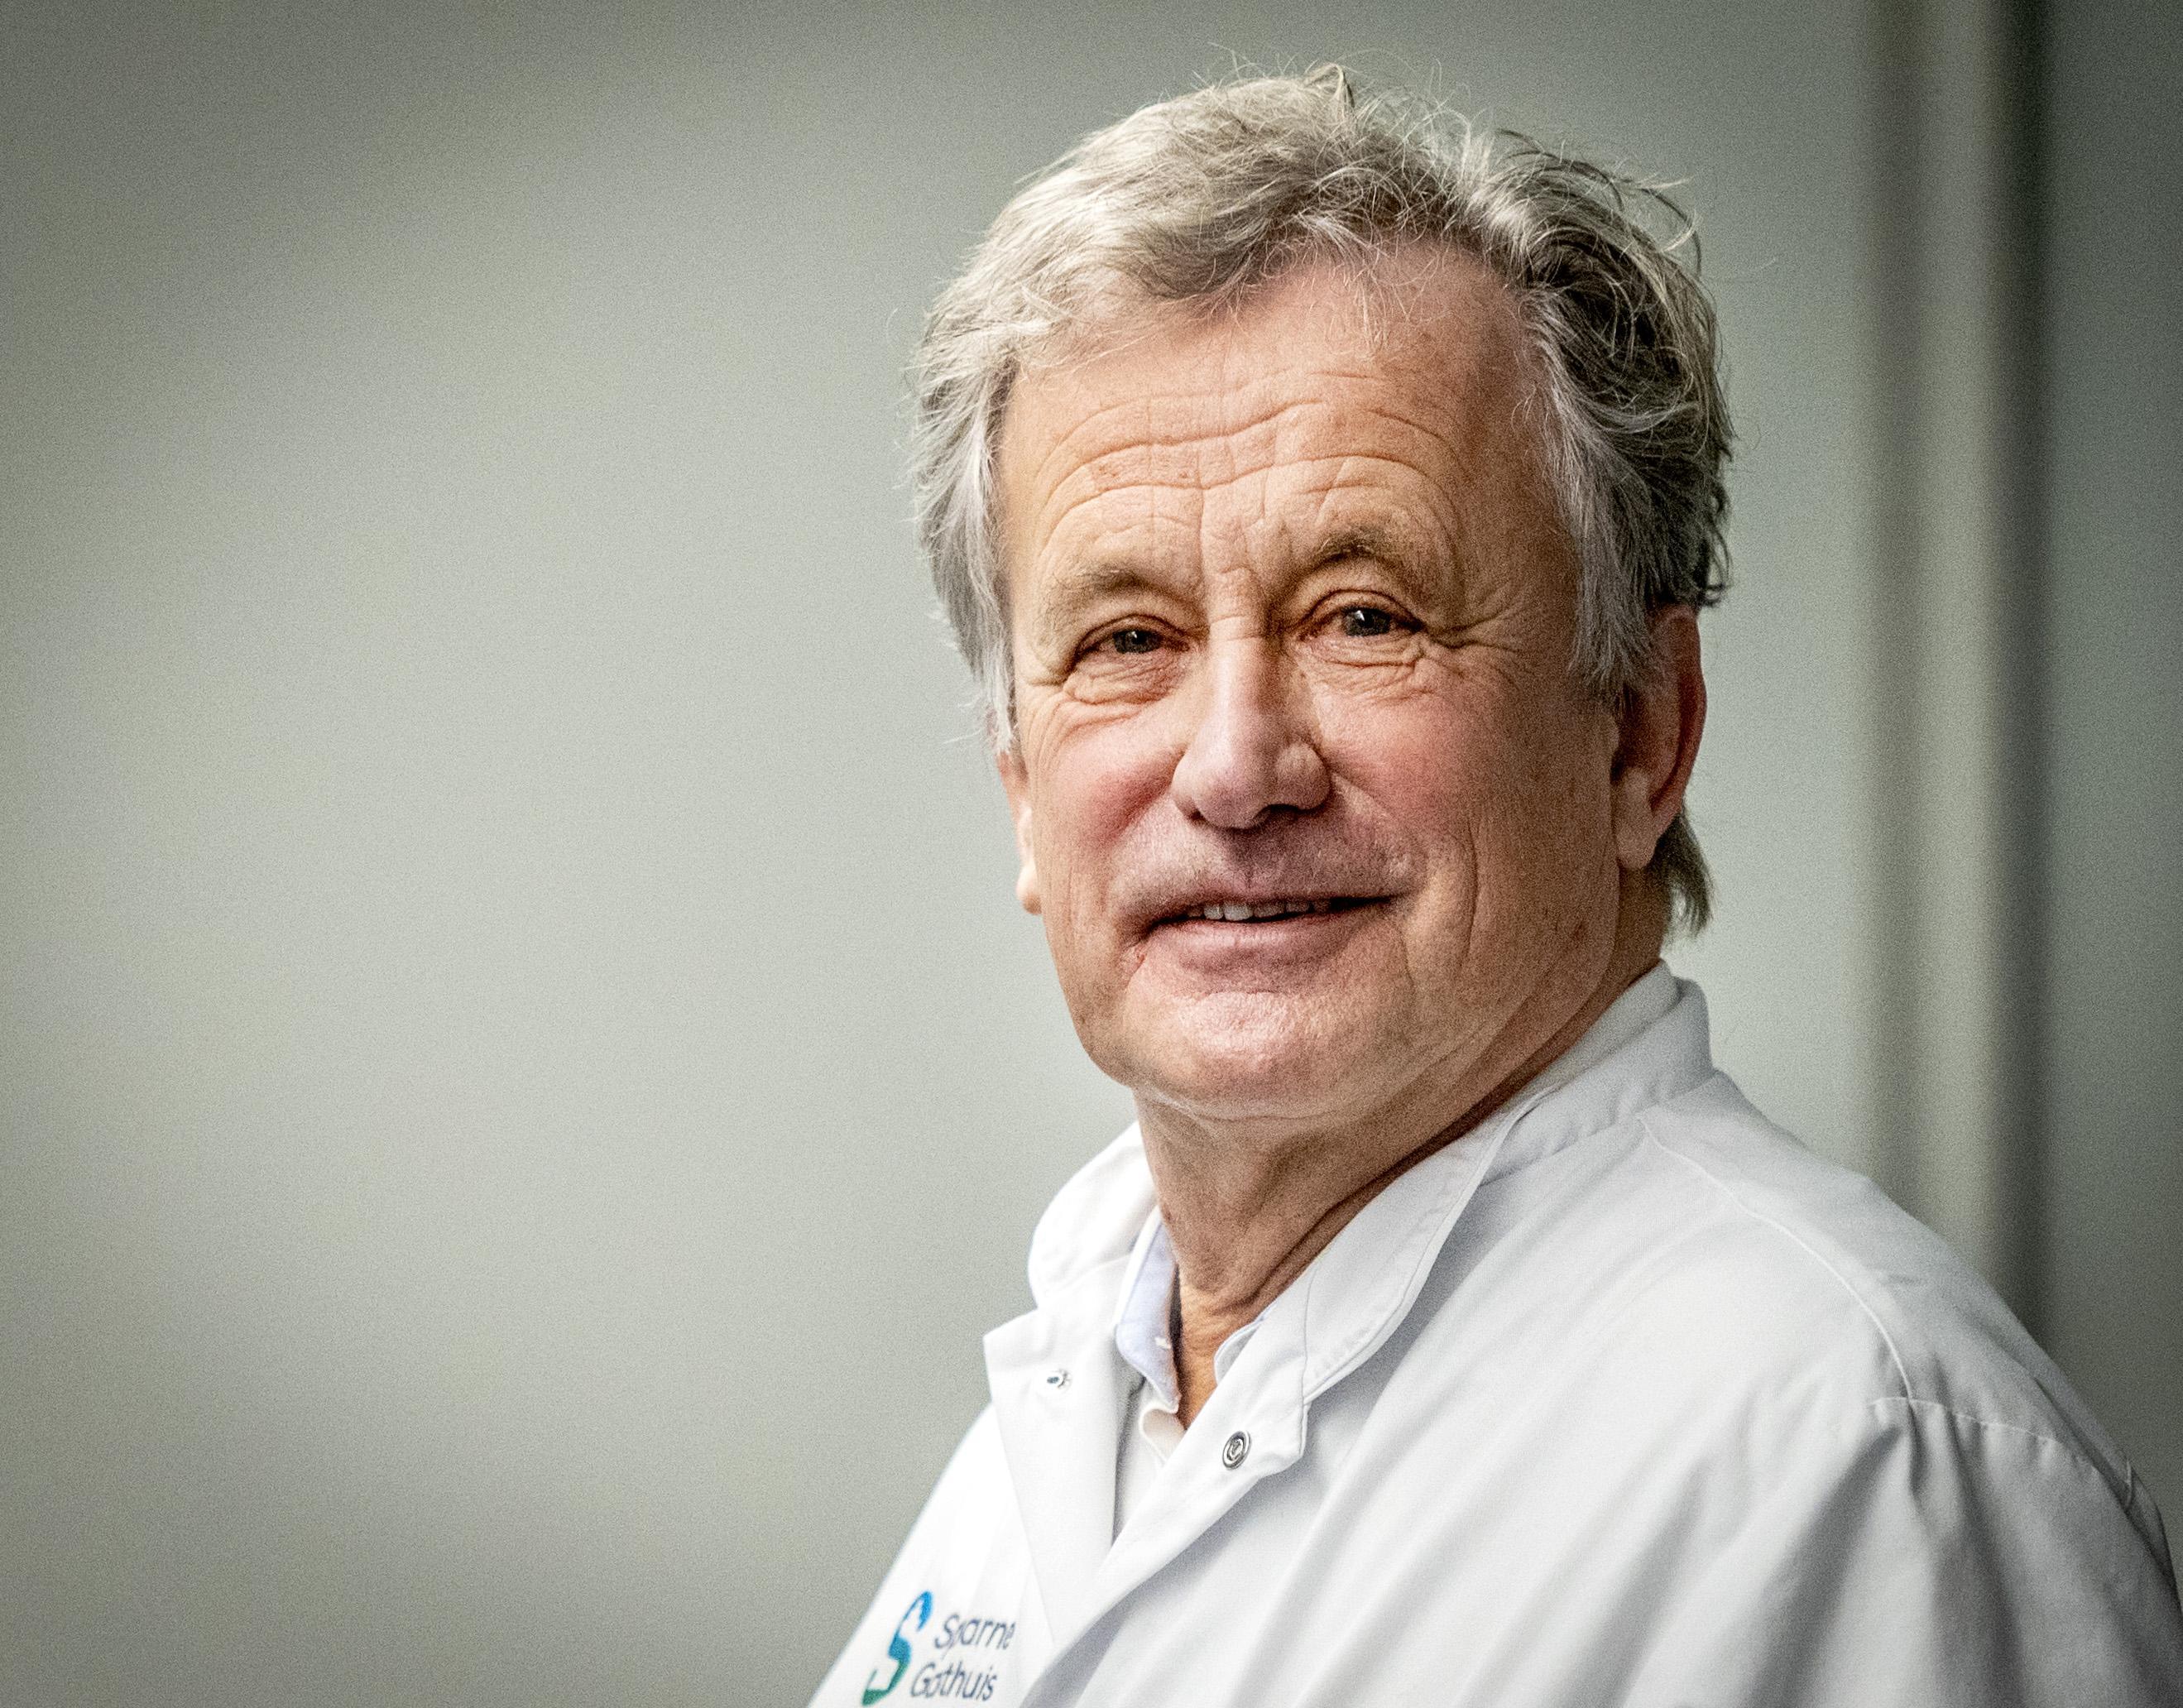 Nierspecialist Wim van Dorp stopt bij Spaarne Gasthuis: 'Ik heb alles gegeven, zelfs mijn eigen nier'